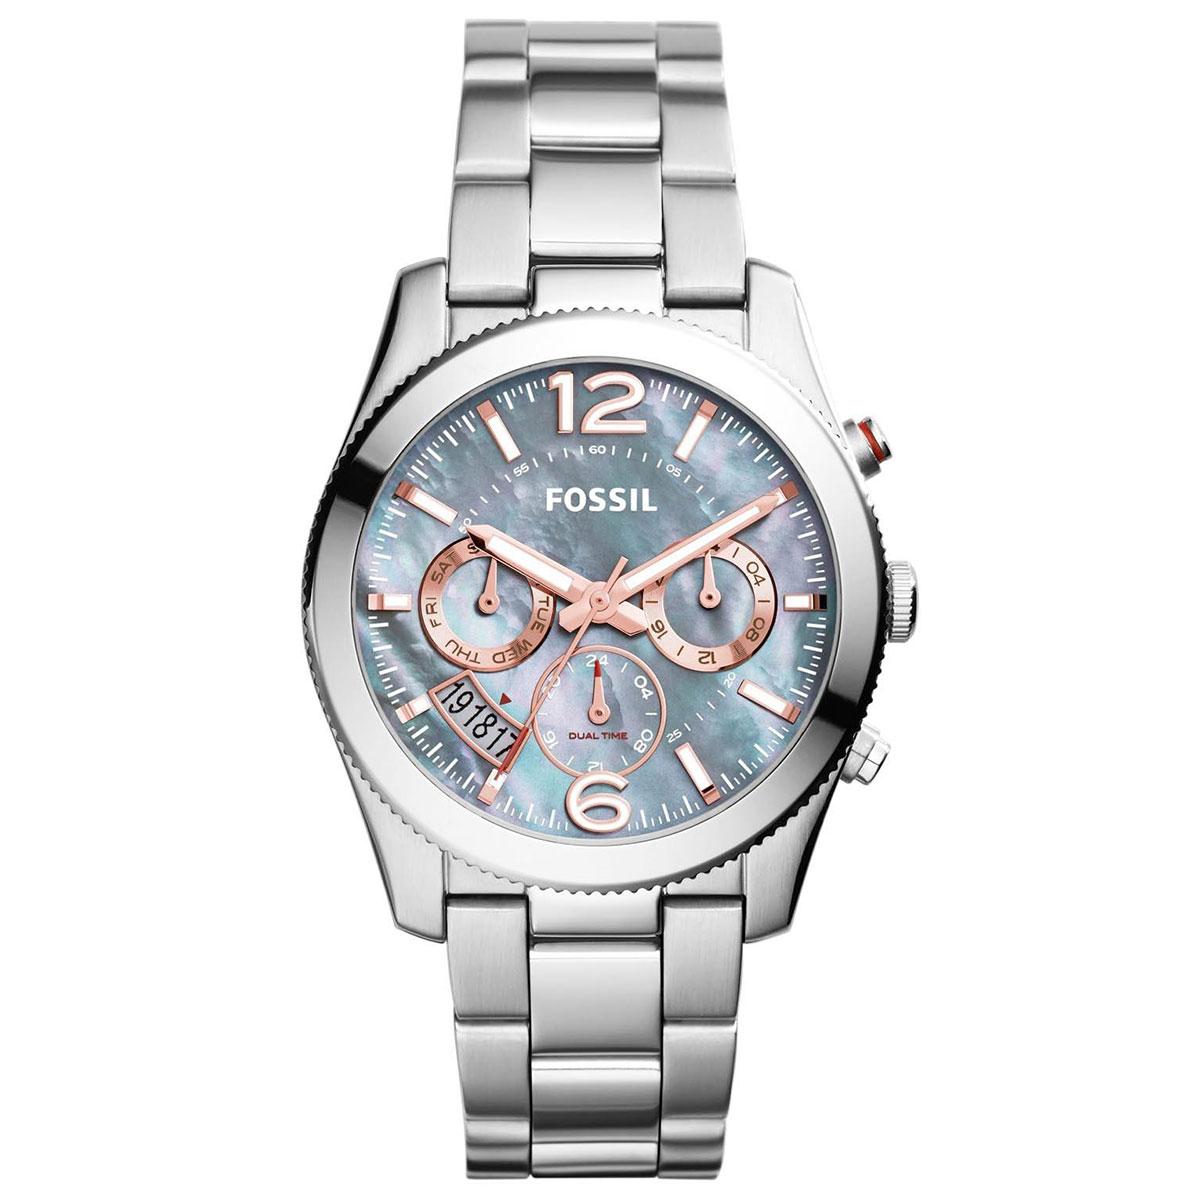 ساعت مچی عقربه ای زنانه فسیل مدل ES3880              ارزان